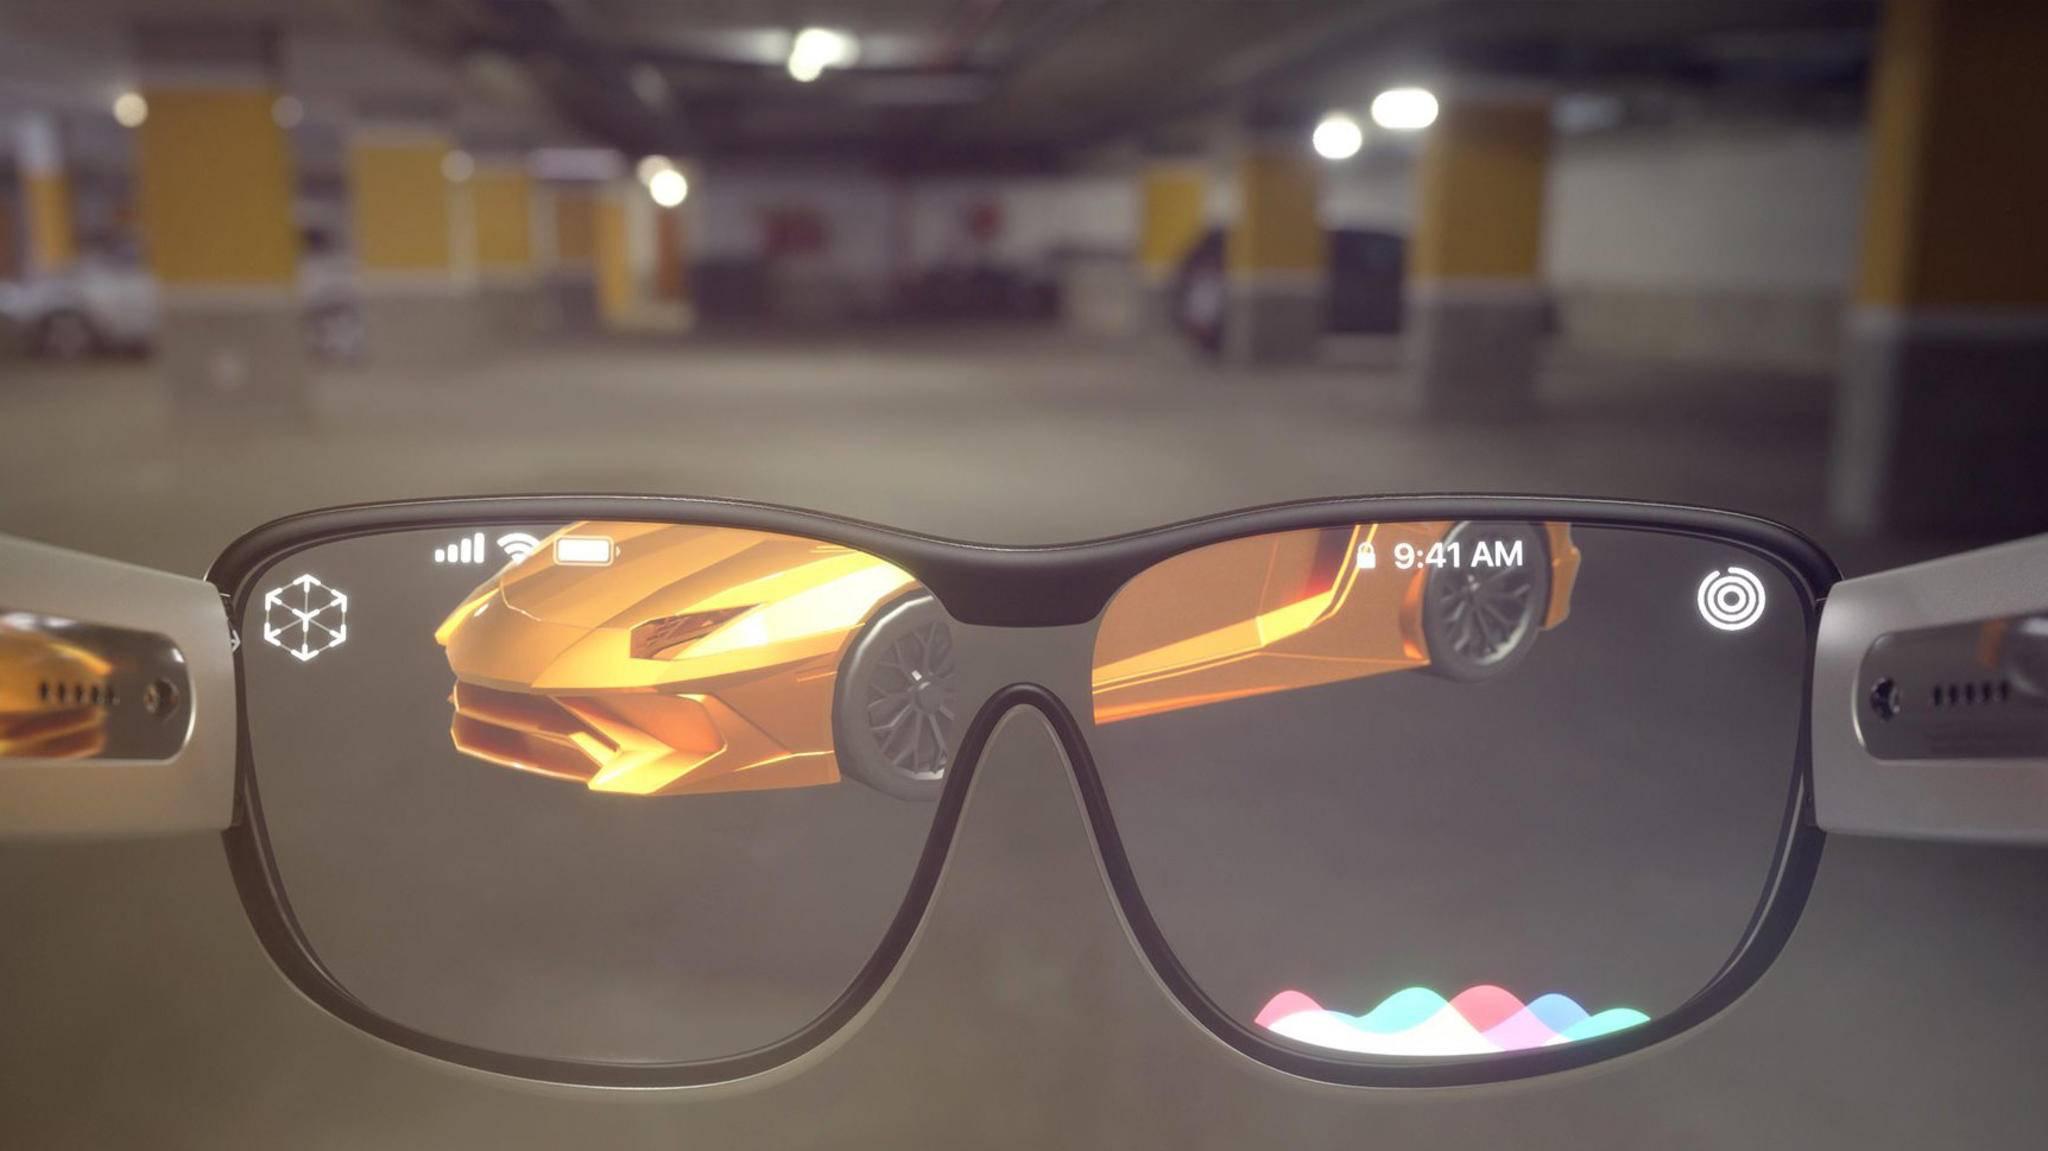 Kommt bald eine smarte Brille von Apple? Ein YouTuber mit Insider-Kontakten verrät Details.